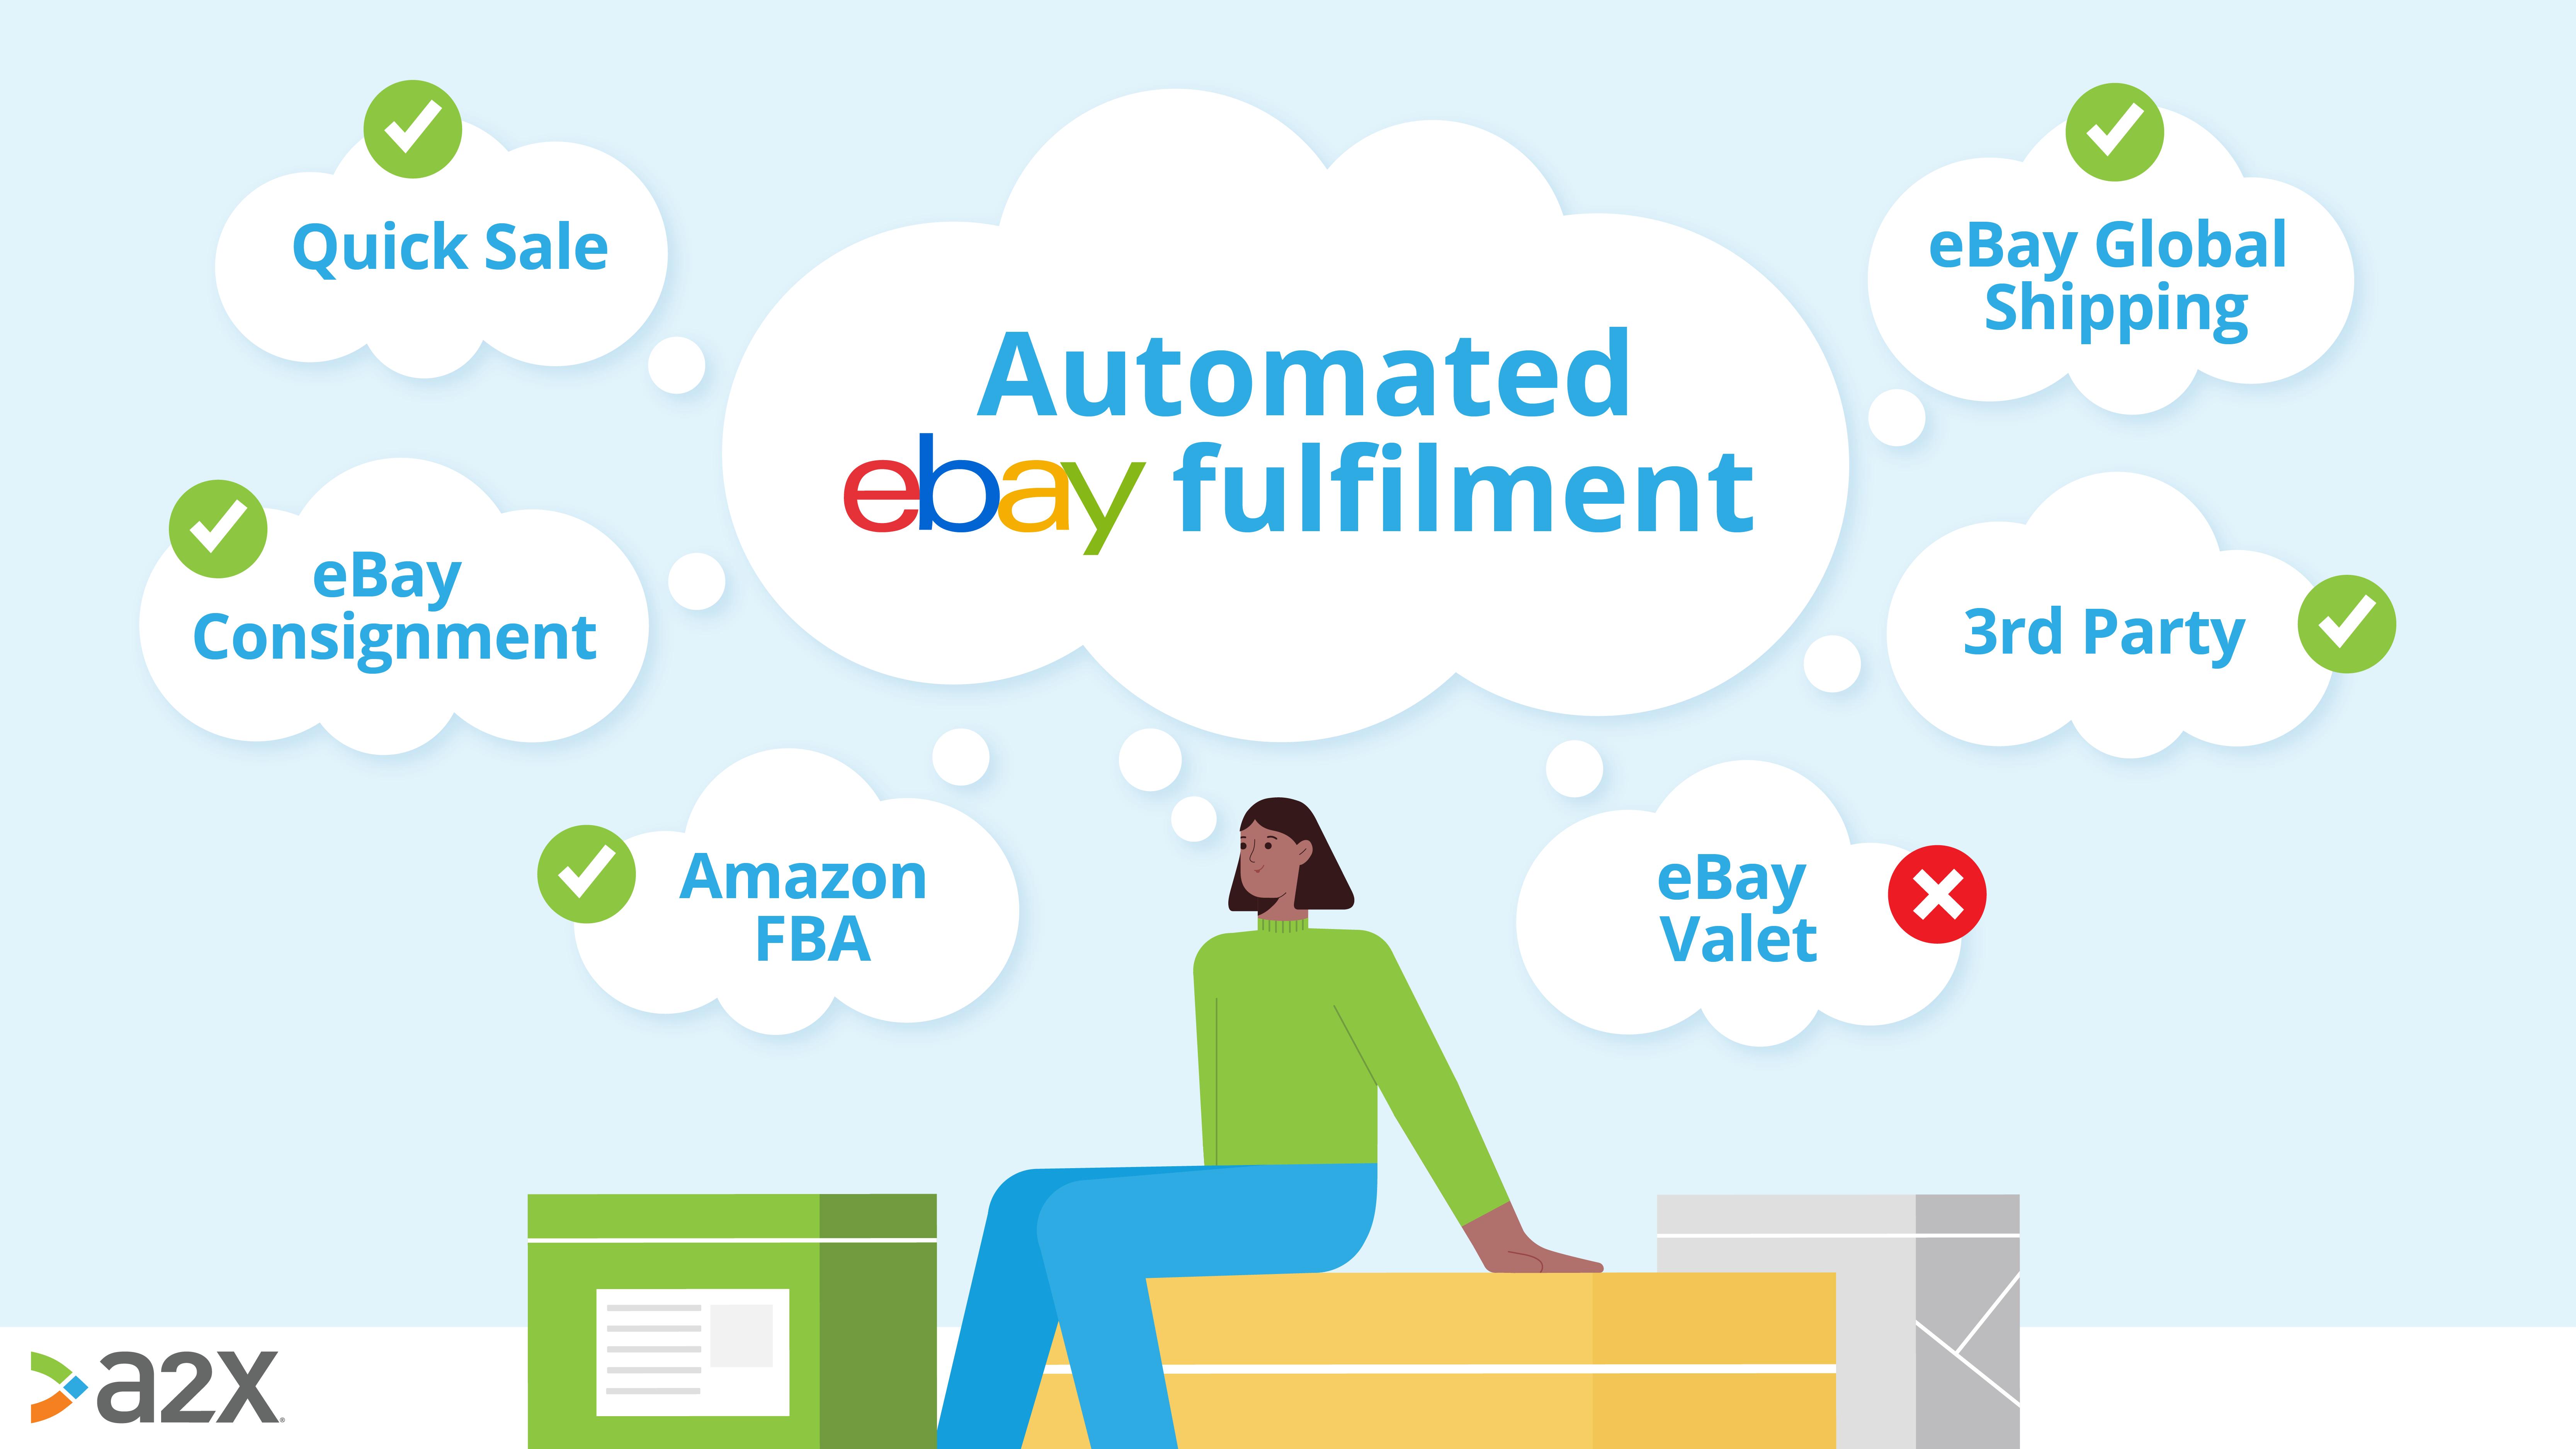 ebay valet_A.png